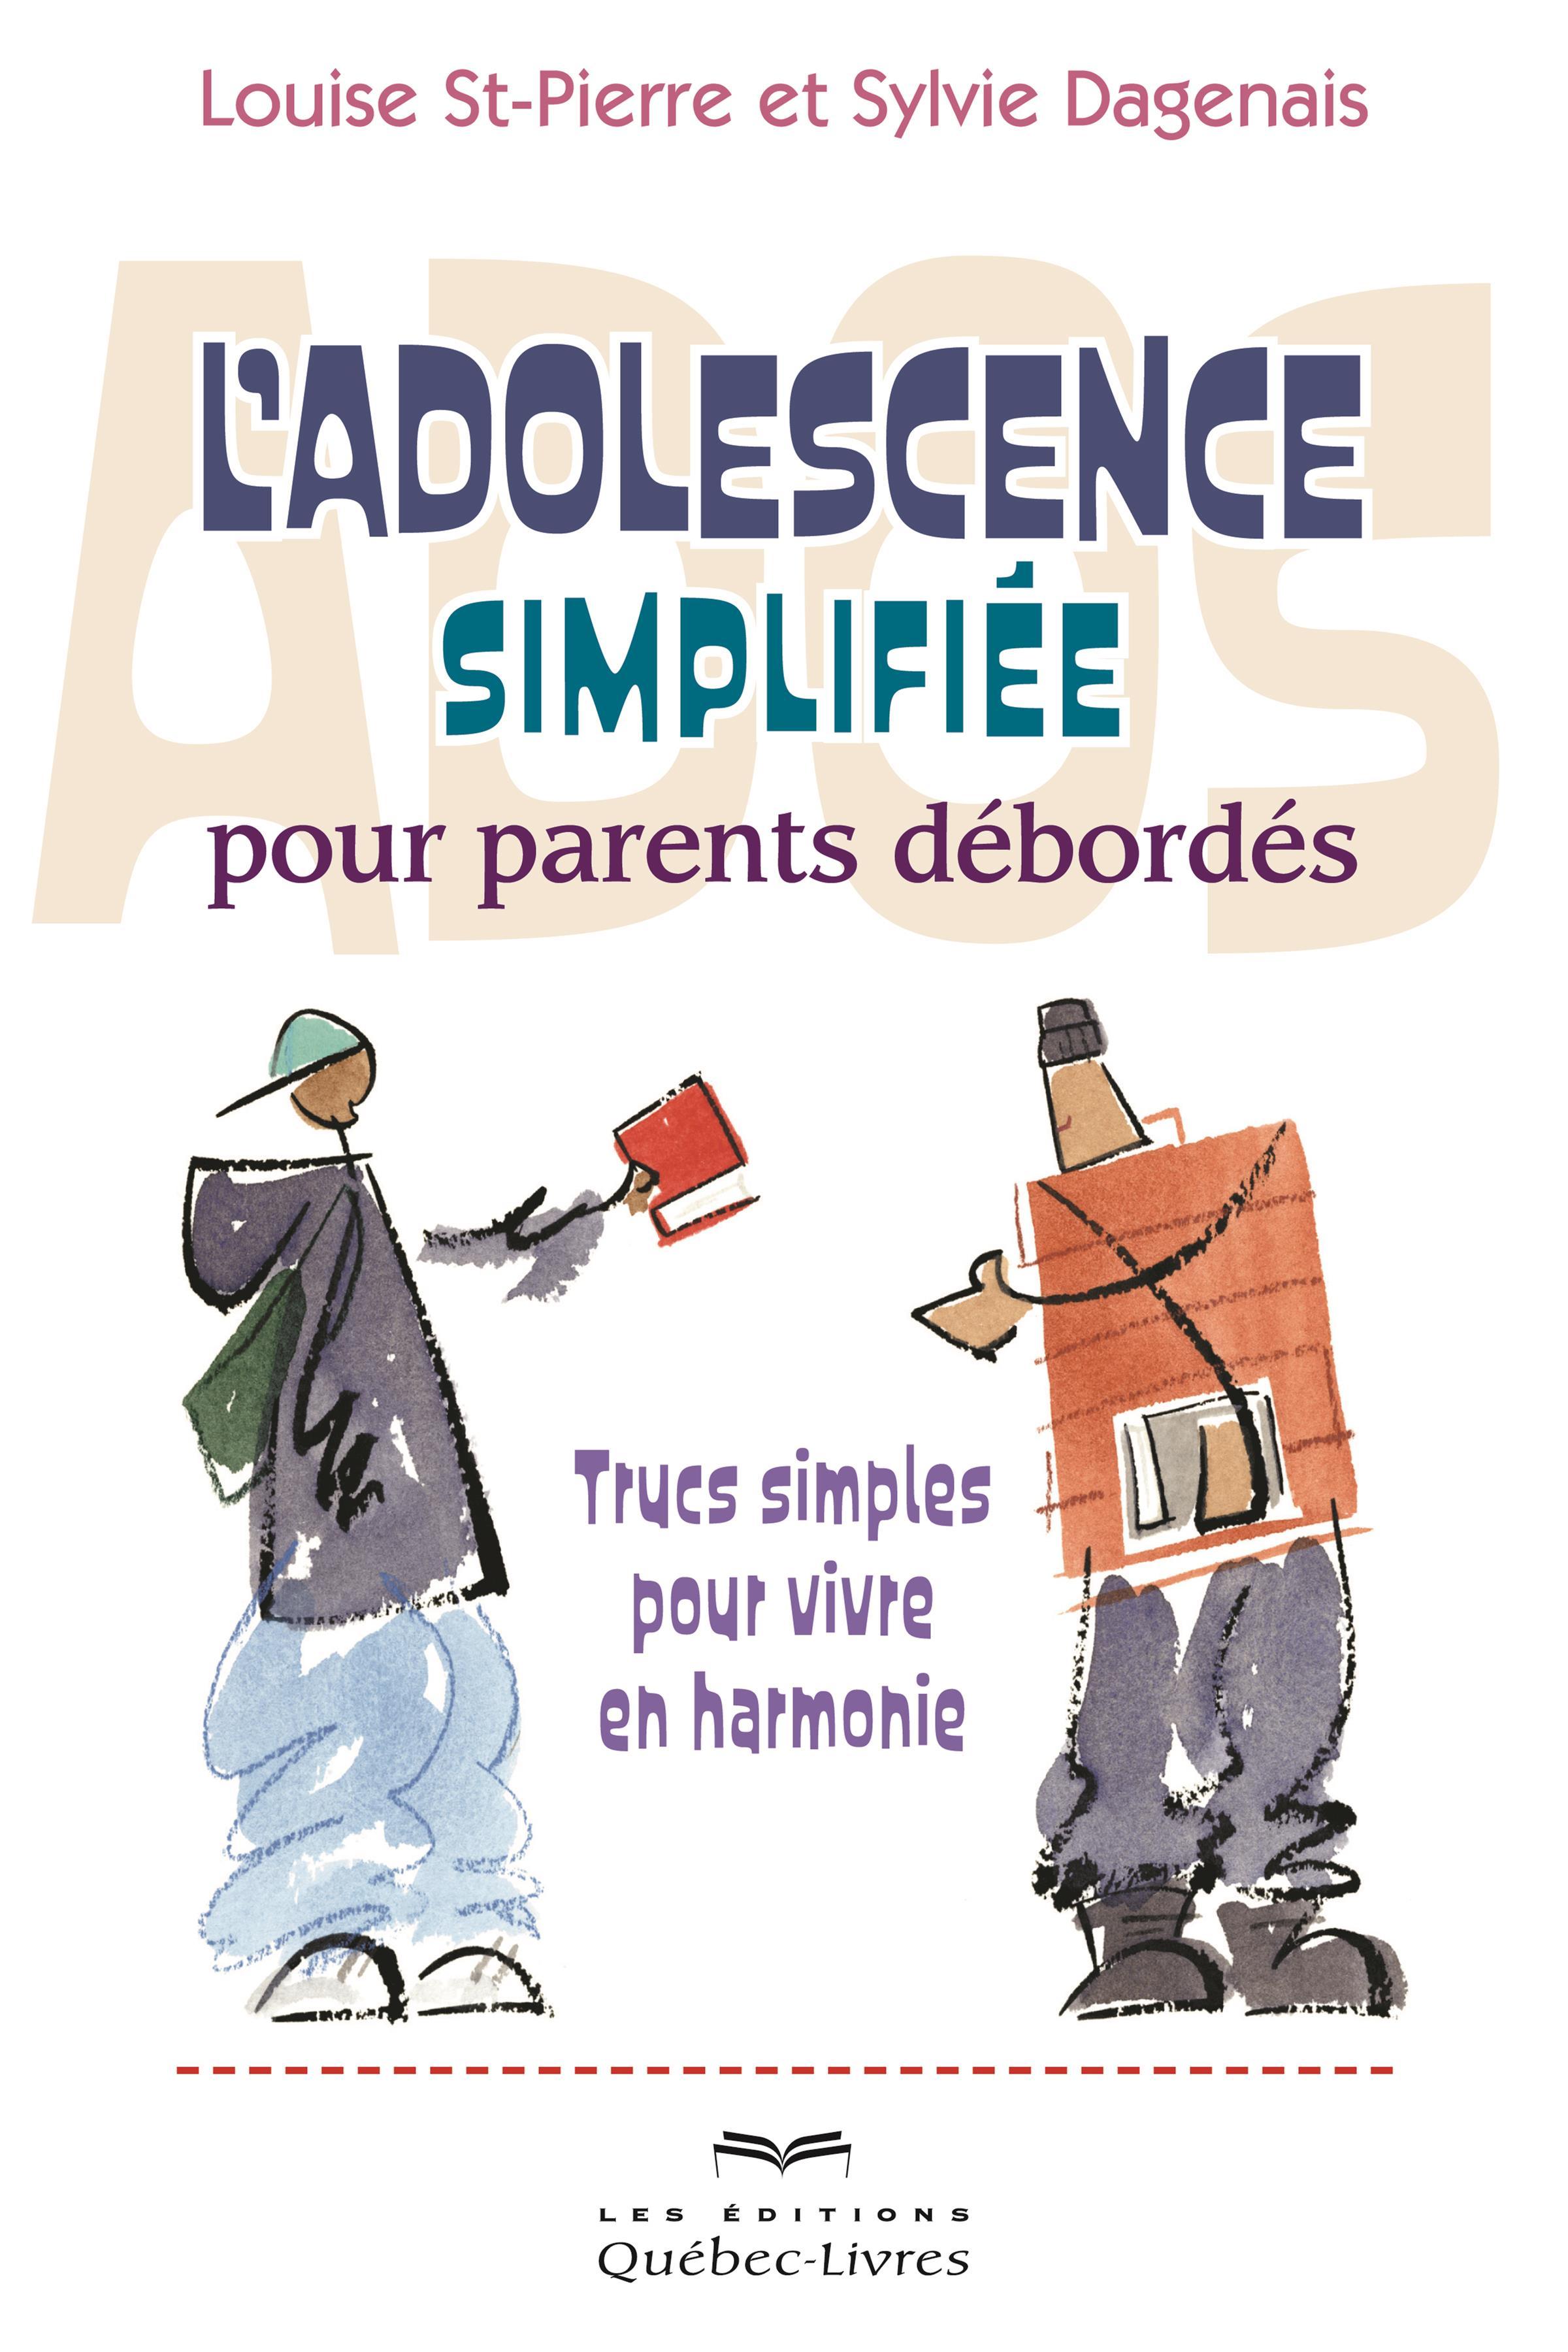 L'adolescence simplifiée pour parents débordés